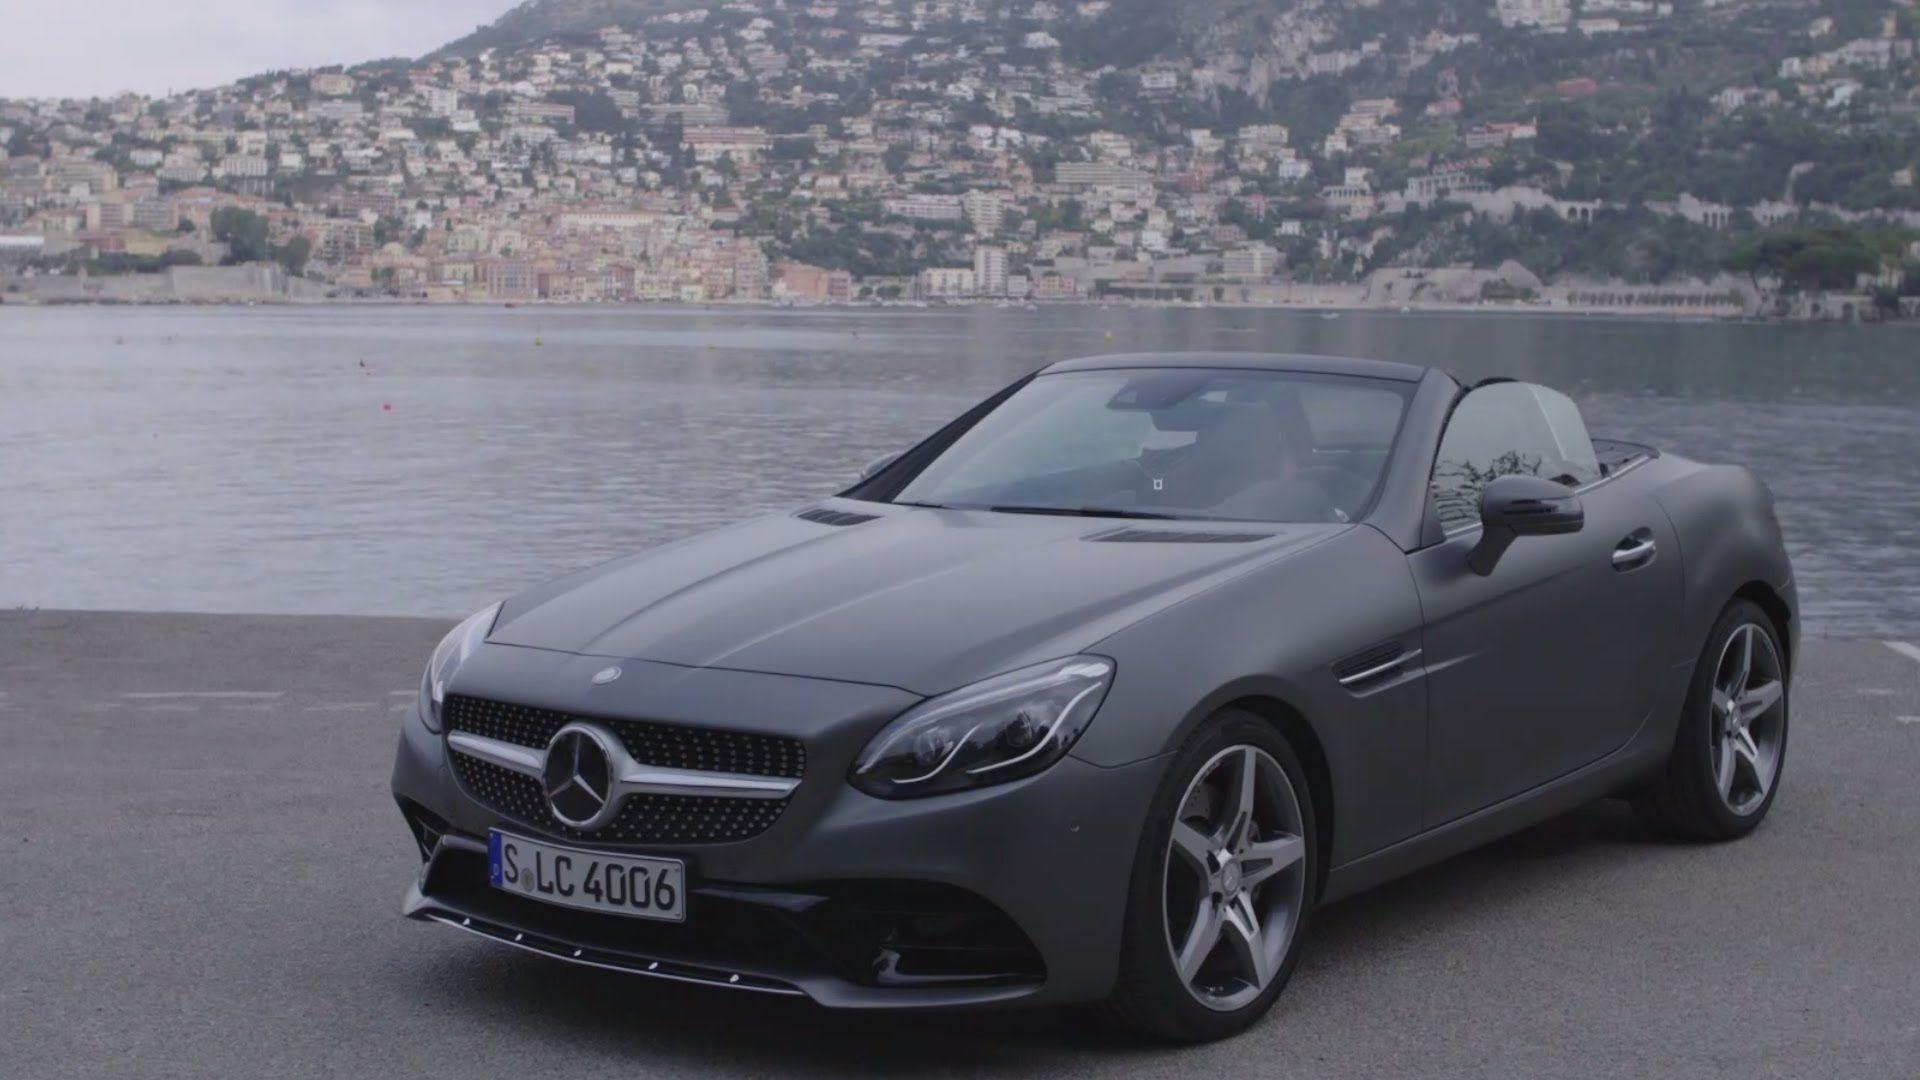 2016 Mercedes Benz Slc 300 Designo Cerussite Grey Magno Mercedes Benz New Mercedes Mercedes